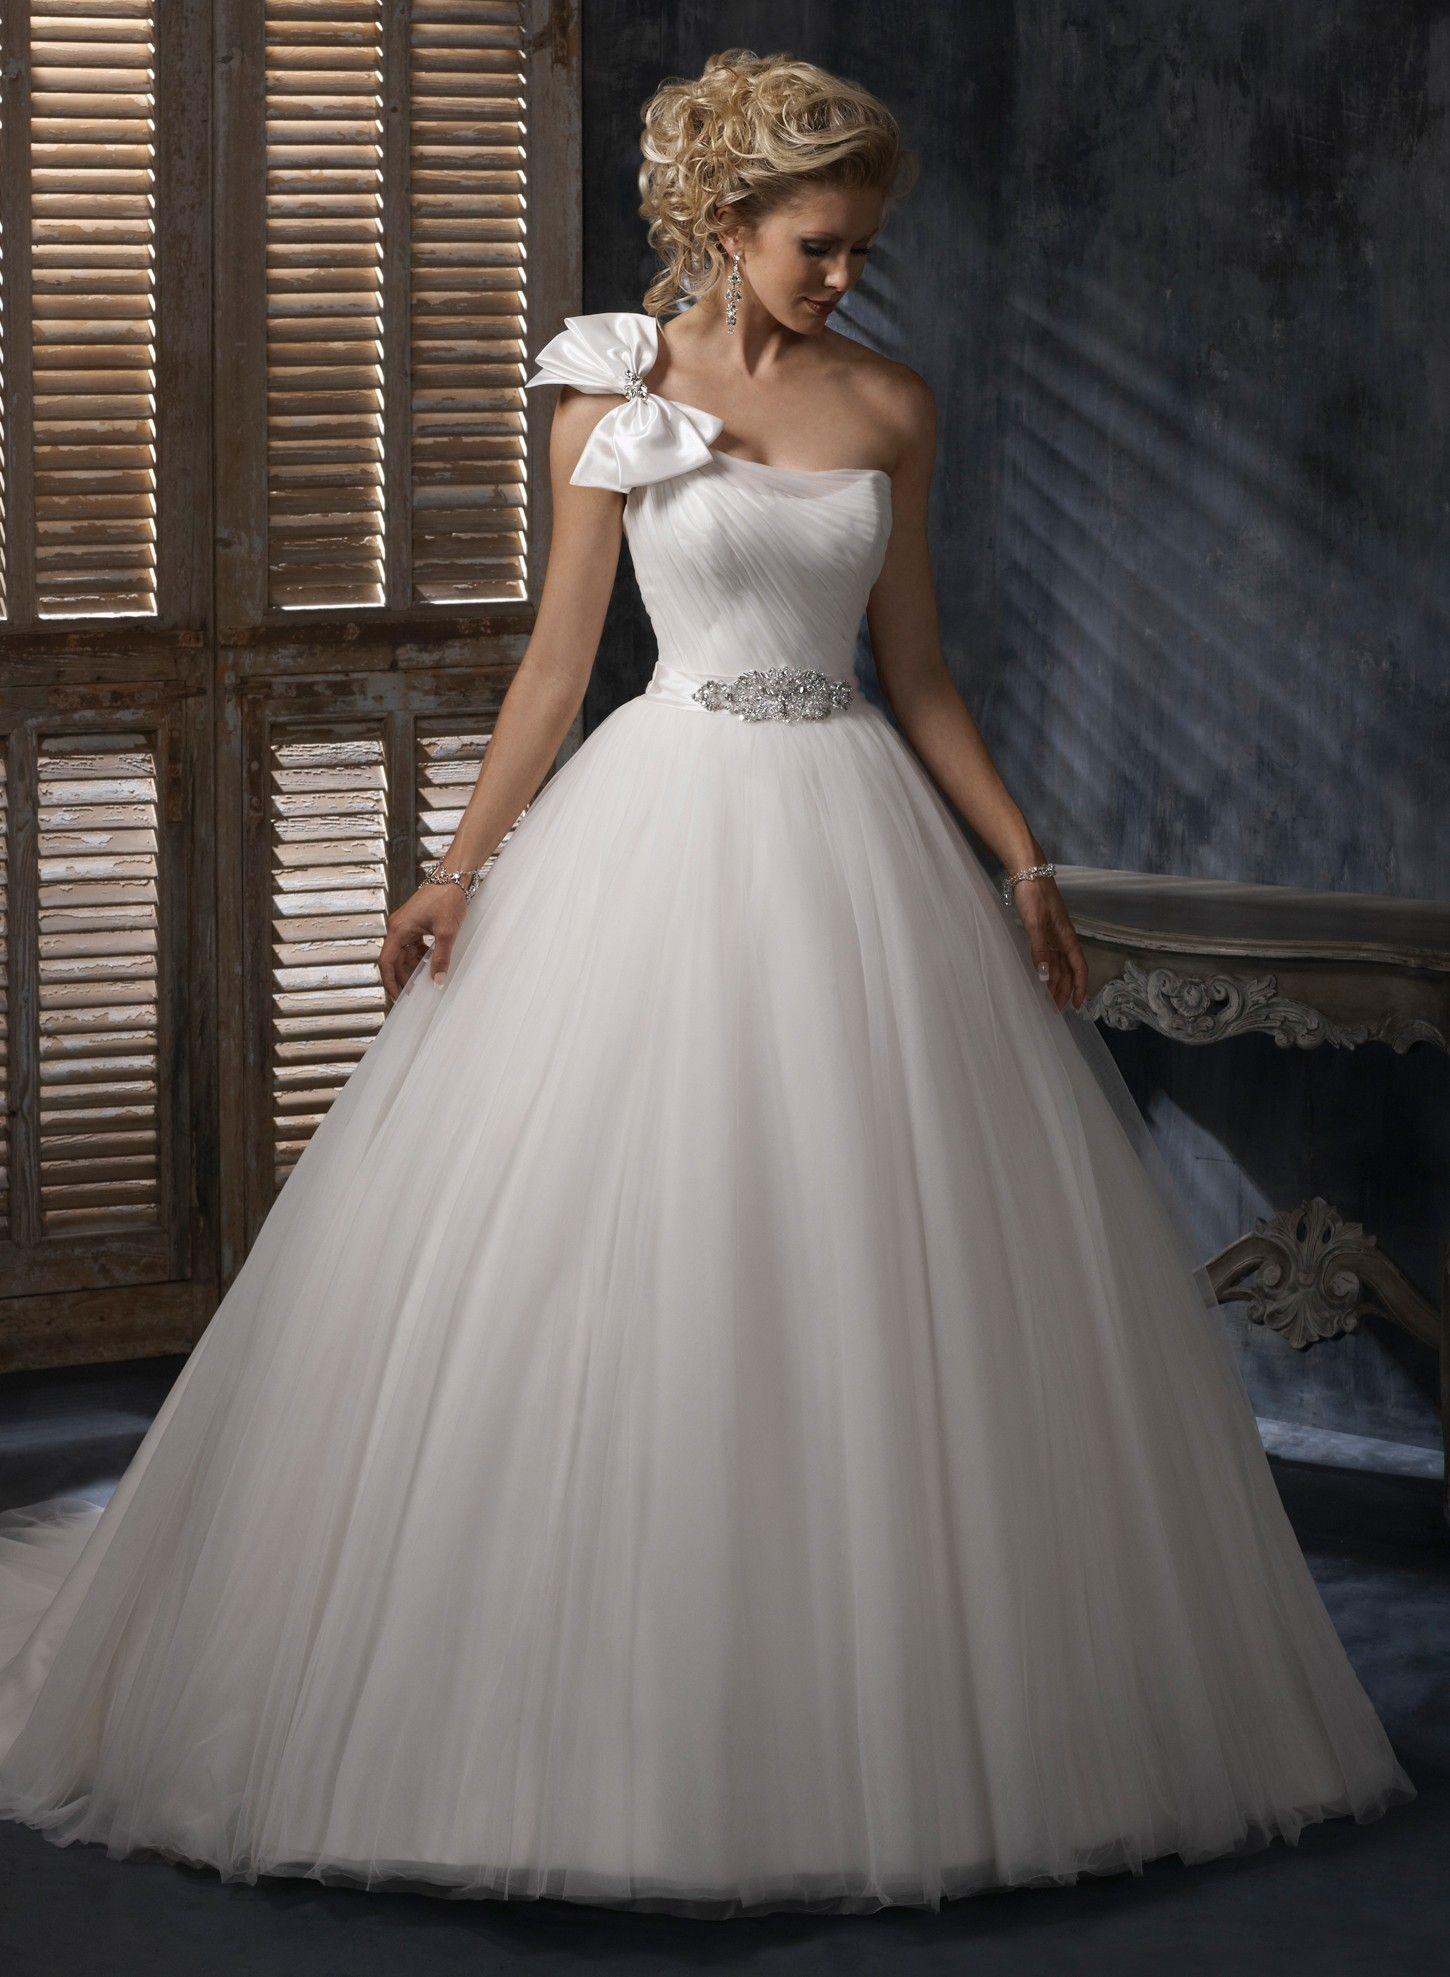 Robe de bal une épaule robe de mariage en organza tulle | Robes de ...